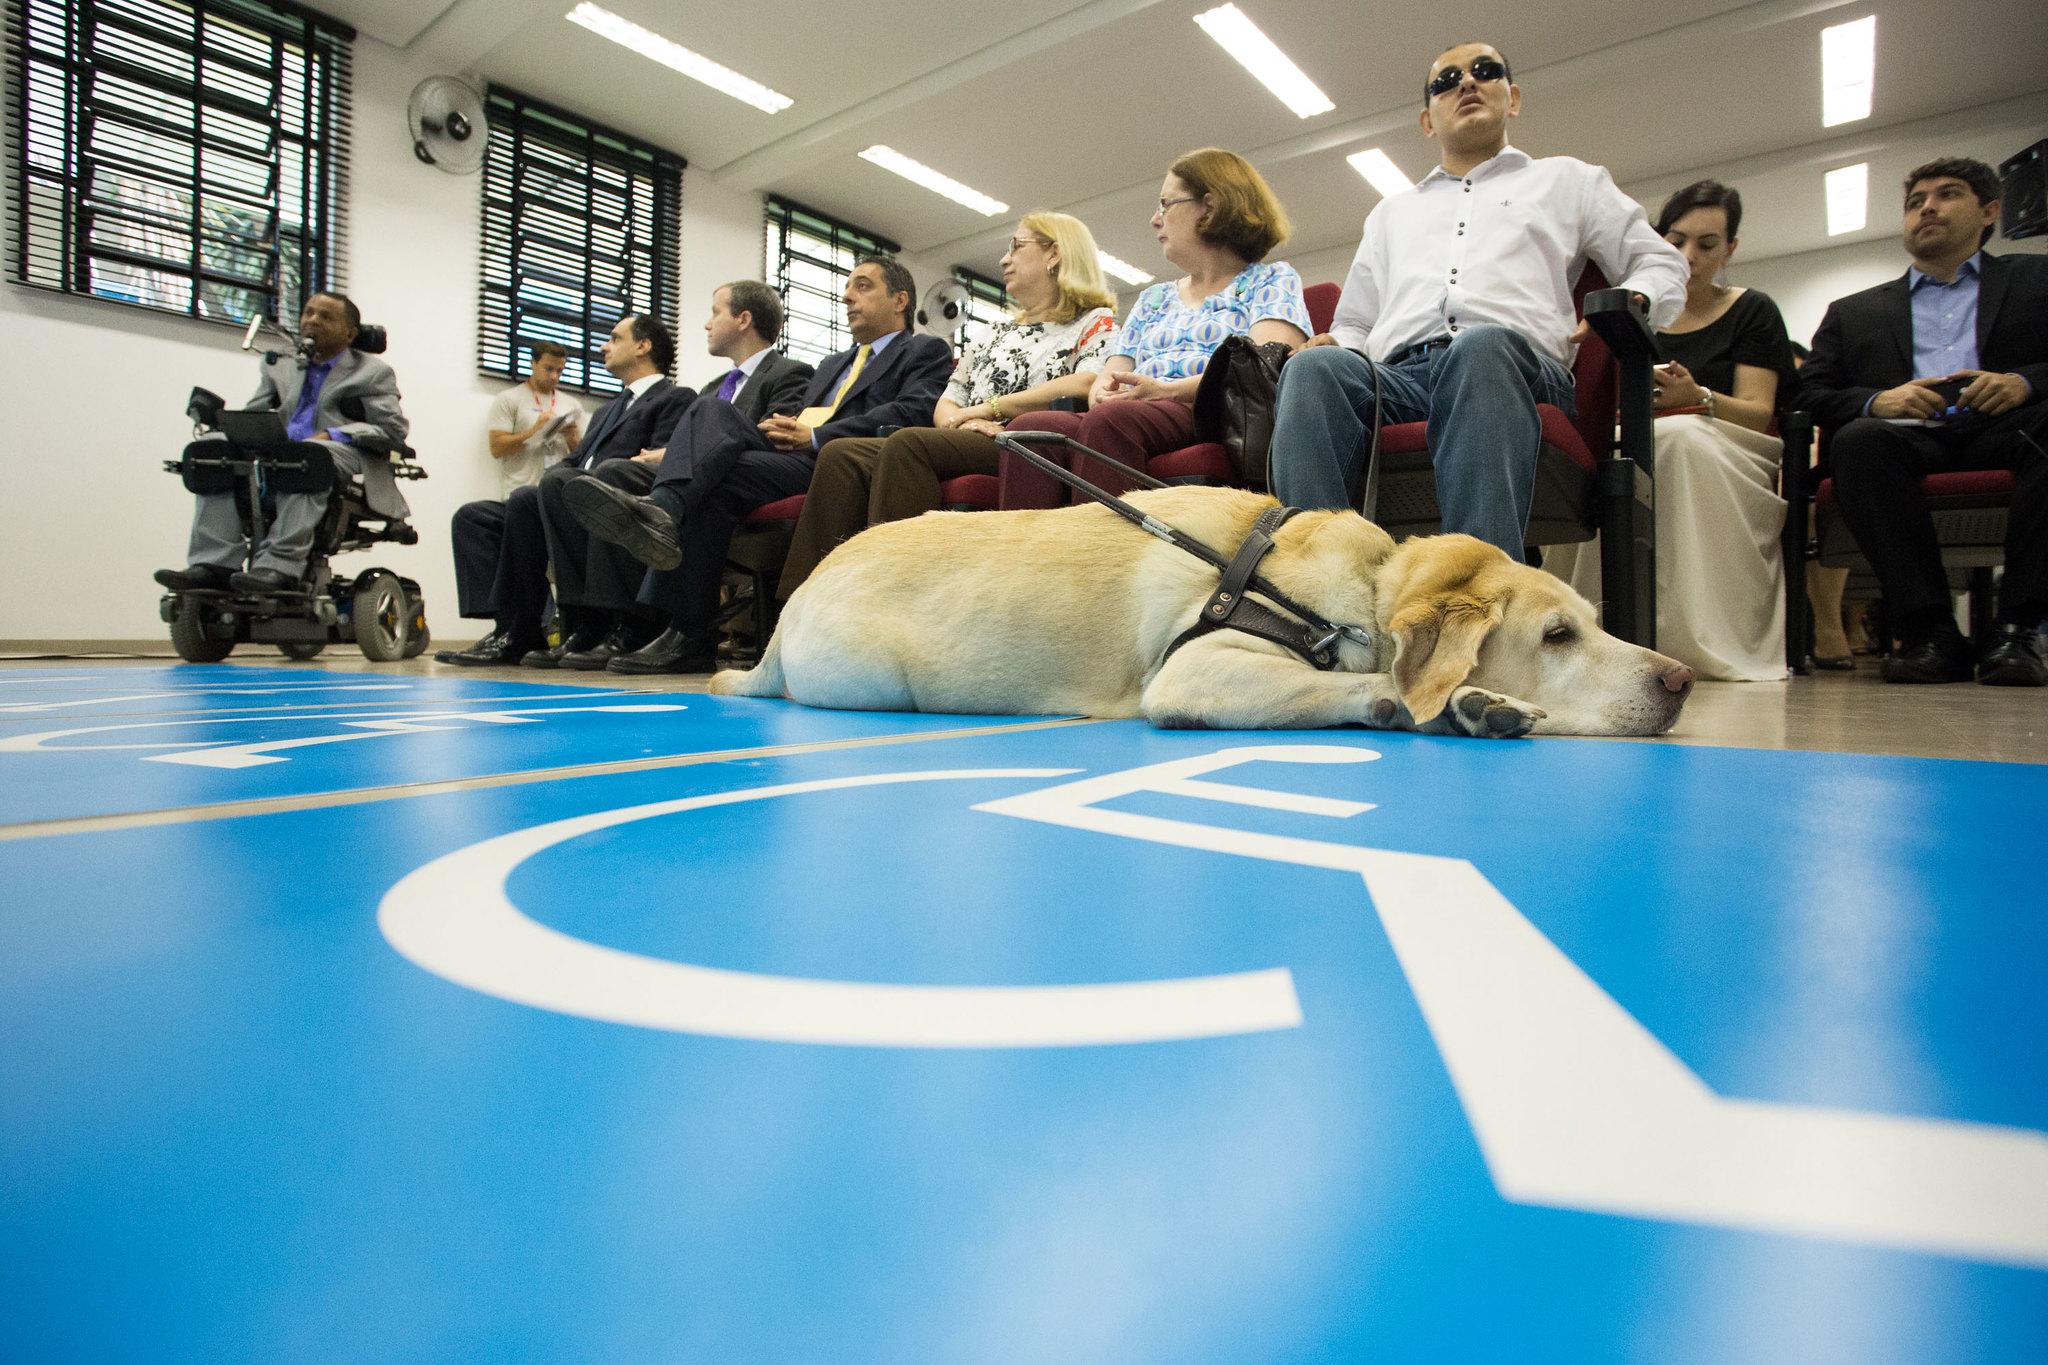 Direitos Humanos - deficiente - cegos cadeirantes deficiências cão-guia (Centro de Tecnologia e Inclusão no Parque Estadual das Fontes do Ipiranga, São Paulo-SP)